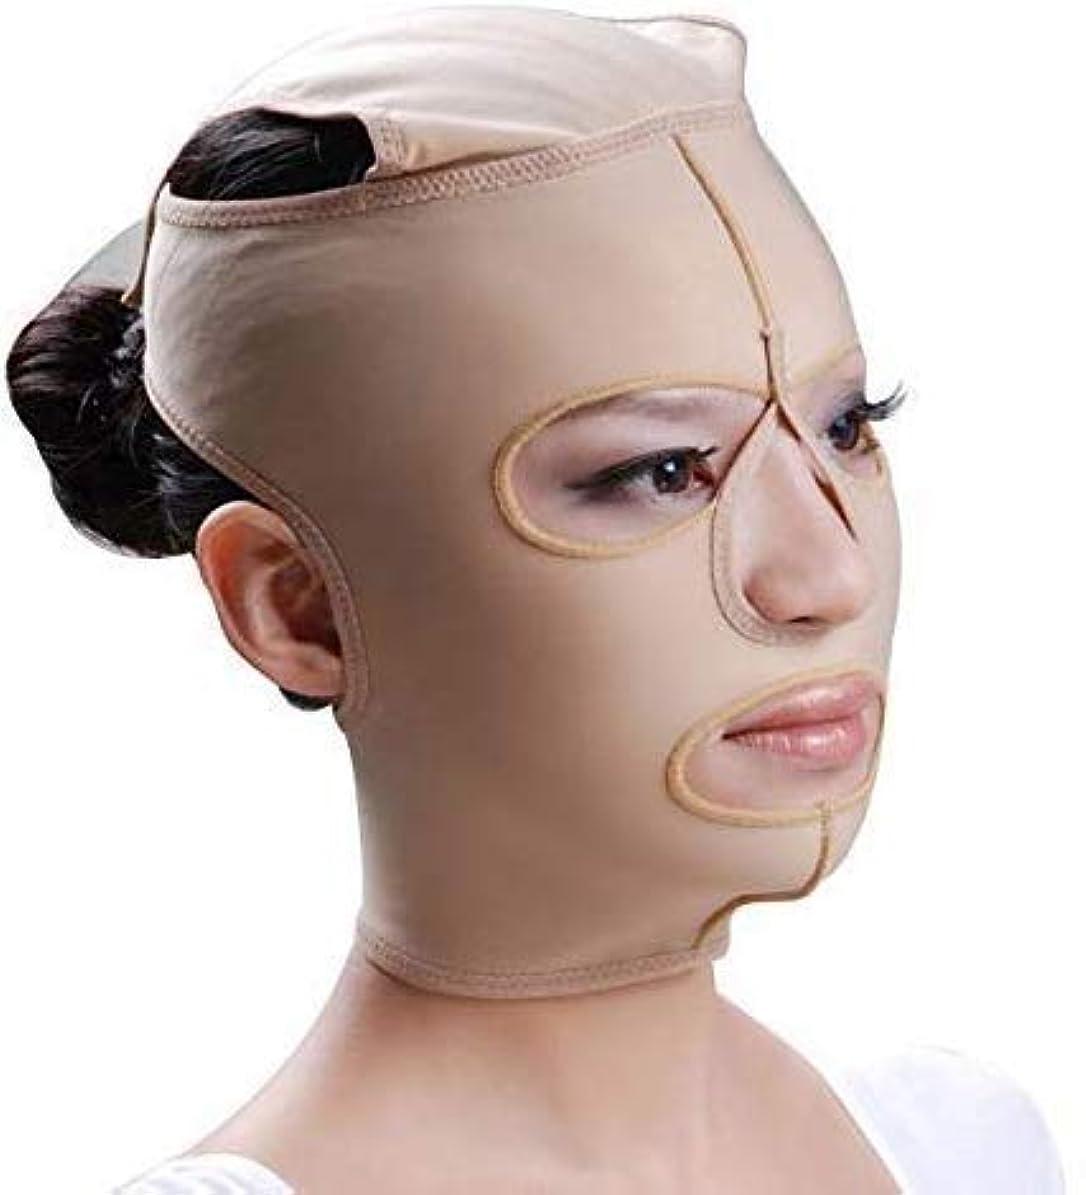 参照するプレゼン辛い美容と実用的な引き締めフェイスマスク、フェイシャルマスク弾性フェイスリフティングリフティング引き締めパターンマイクロ仕上げポストモデリングコンプレッションフェイスマスク(サイズ:S)